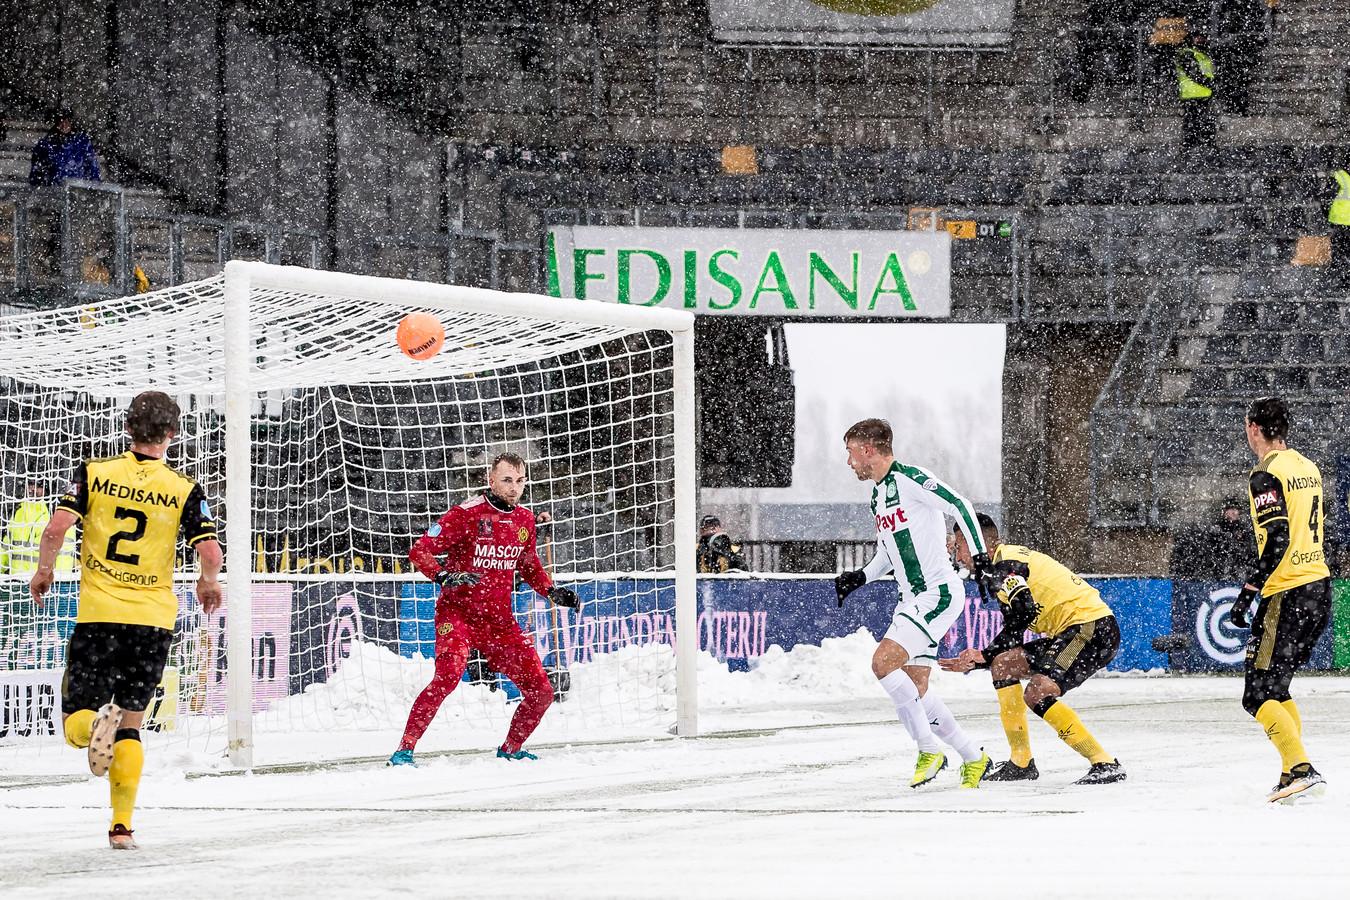 Roda JC - FC Groningen, De wedstrijd in het Parkstad Limburg Stadion ging met af en toe sneeuwvrij maken van het veld gewoon door. Hier een kans voor FC Groningen speler Tom van Weert (M), Roda JC keeper Hidde Jurjus (2L)